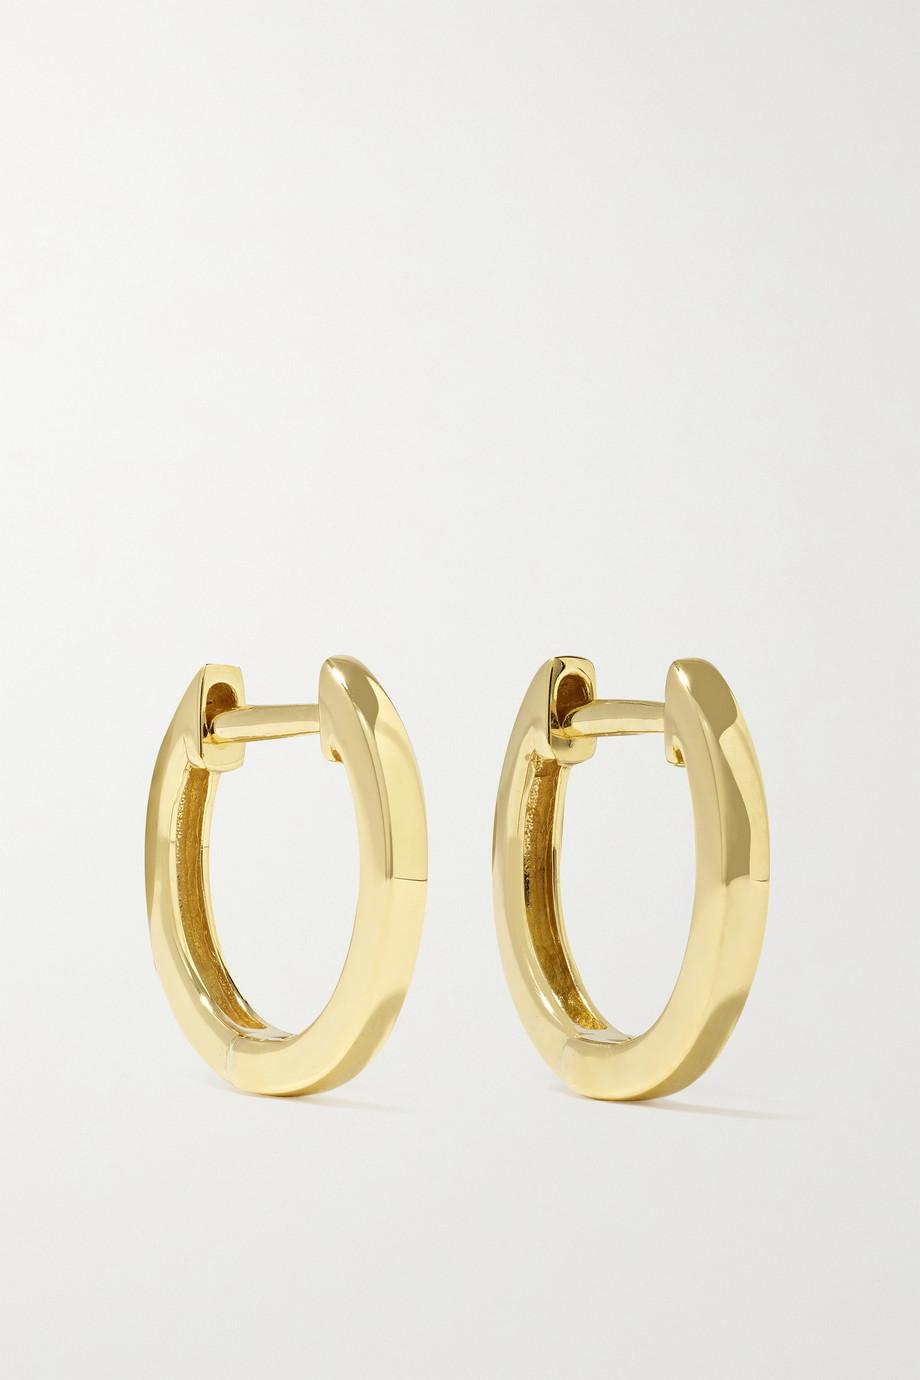 Anita Ko Huggies 18-karat gold hoop earrings